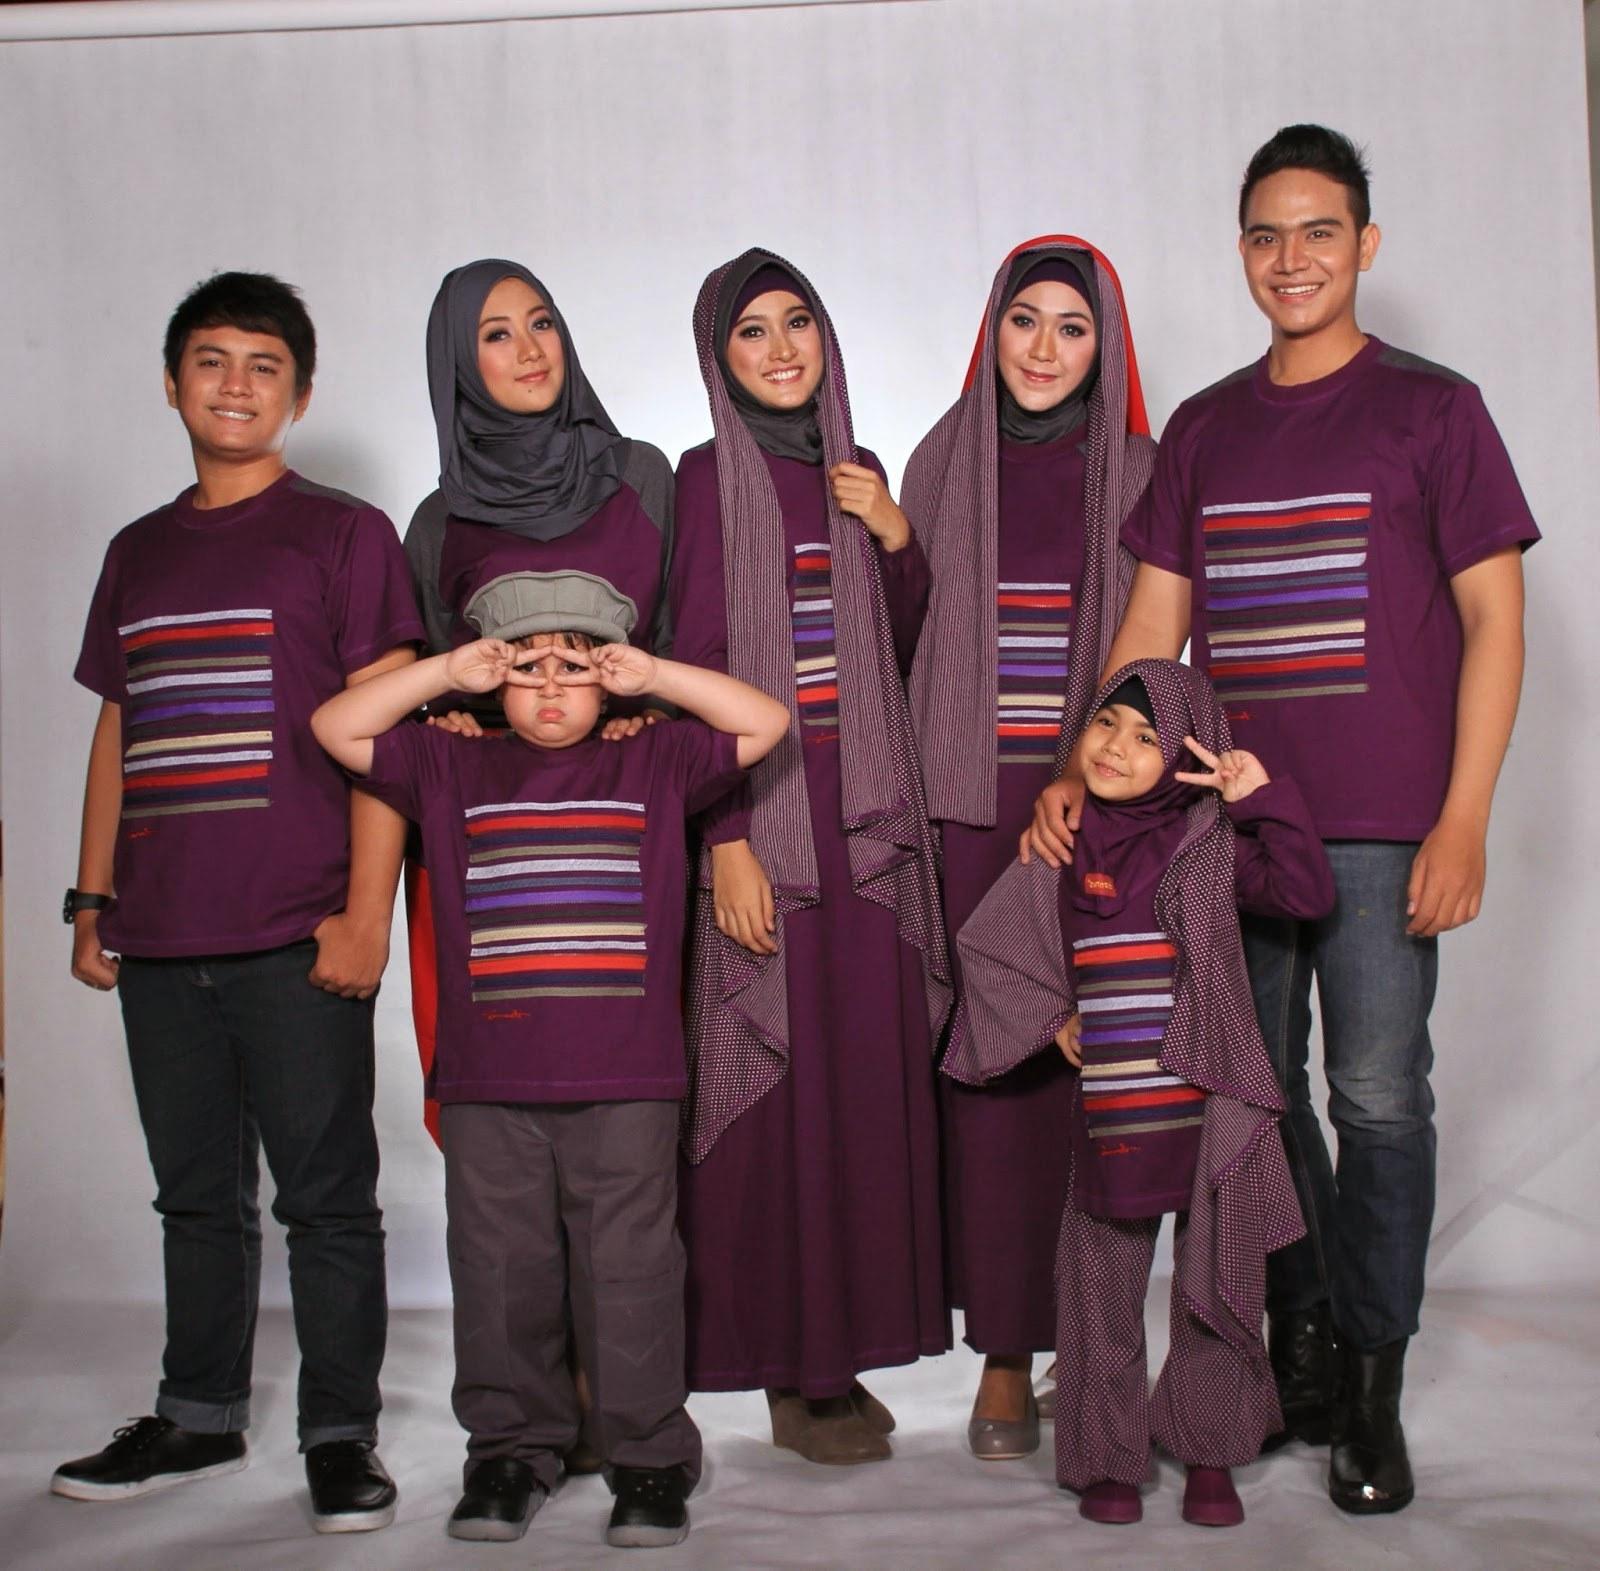 Inspirasi Harga Baju Lebaran Terbaru O2d5 Model Baju Keluarga Untuk Hari Raya Lebaran 2018